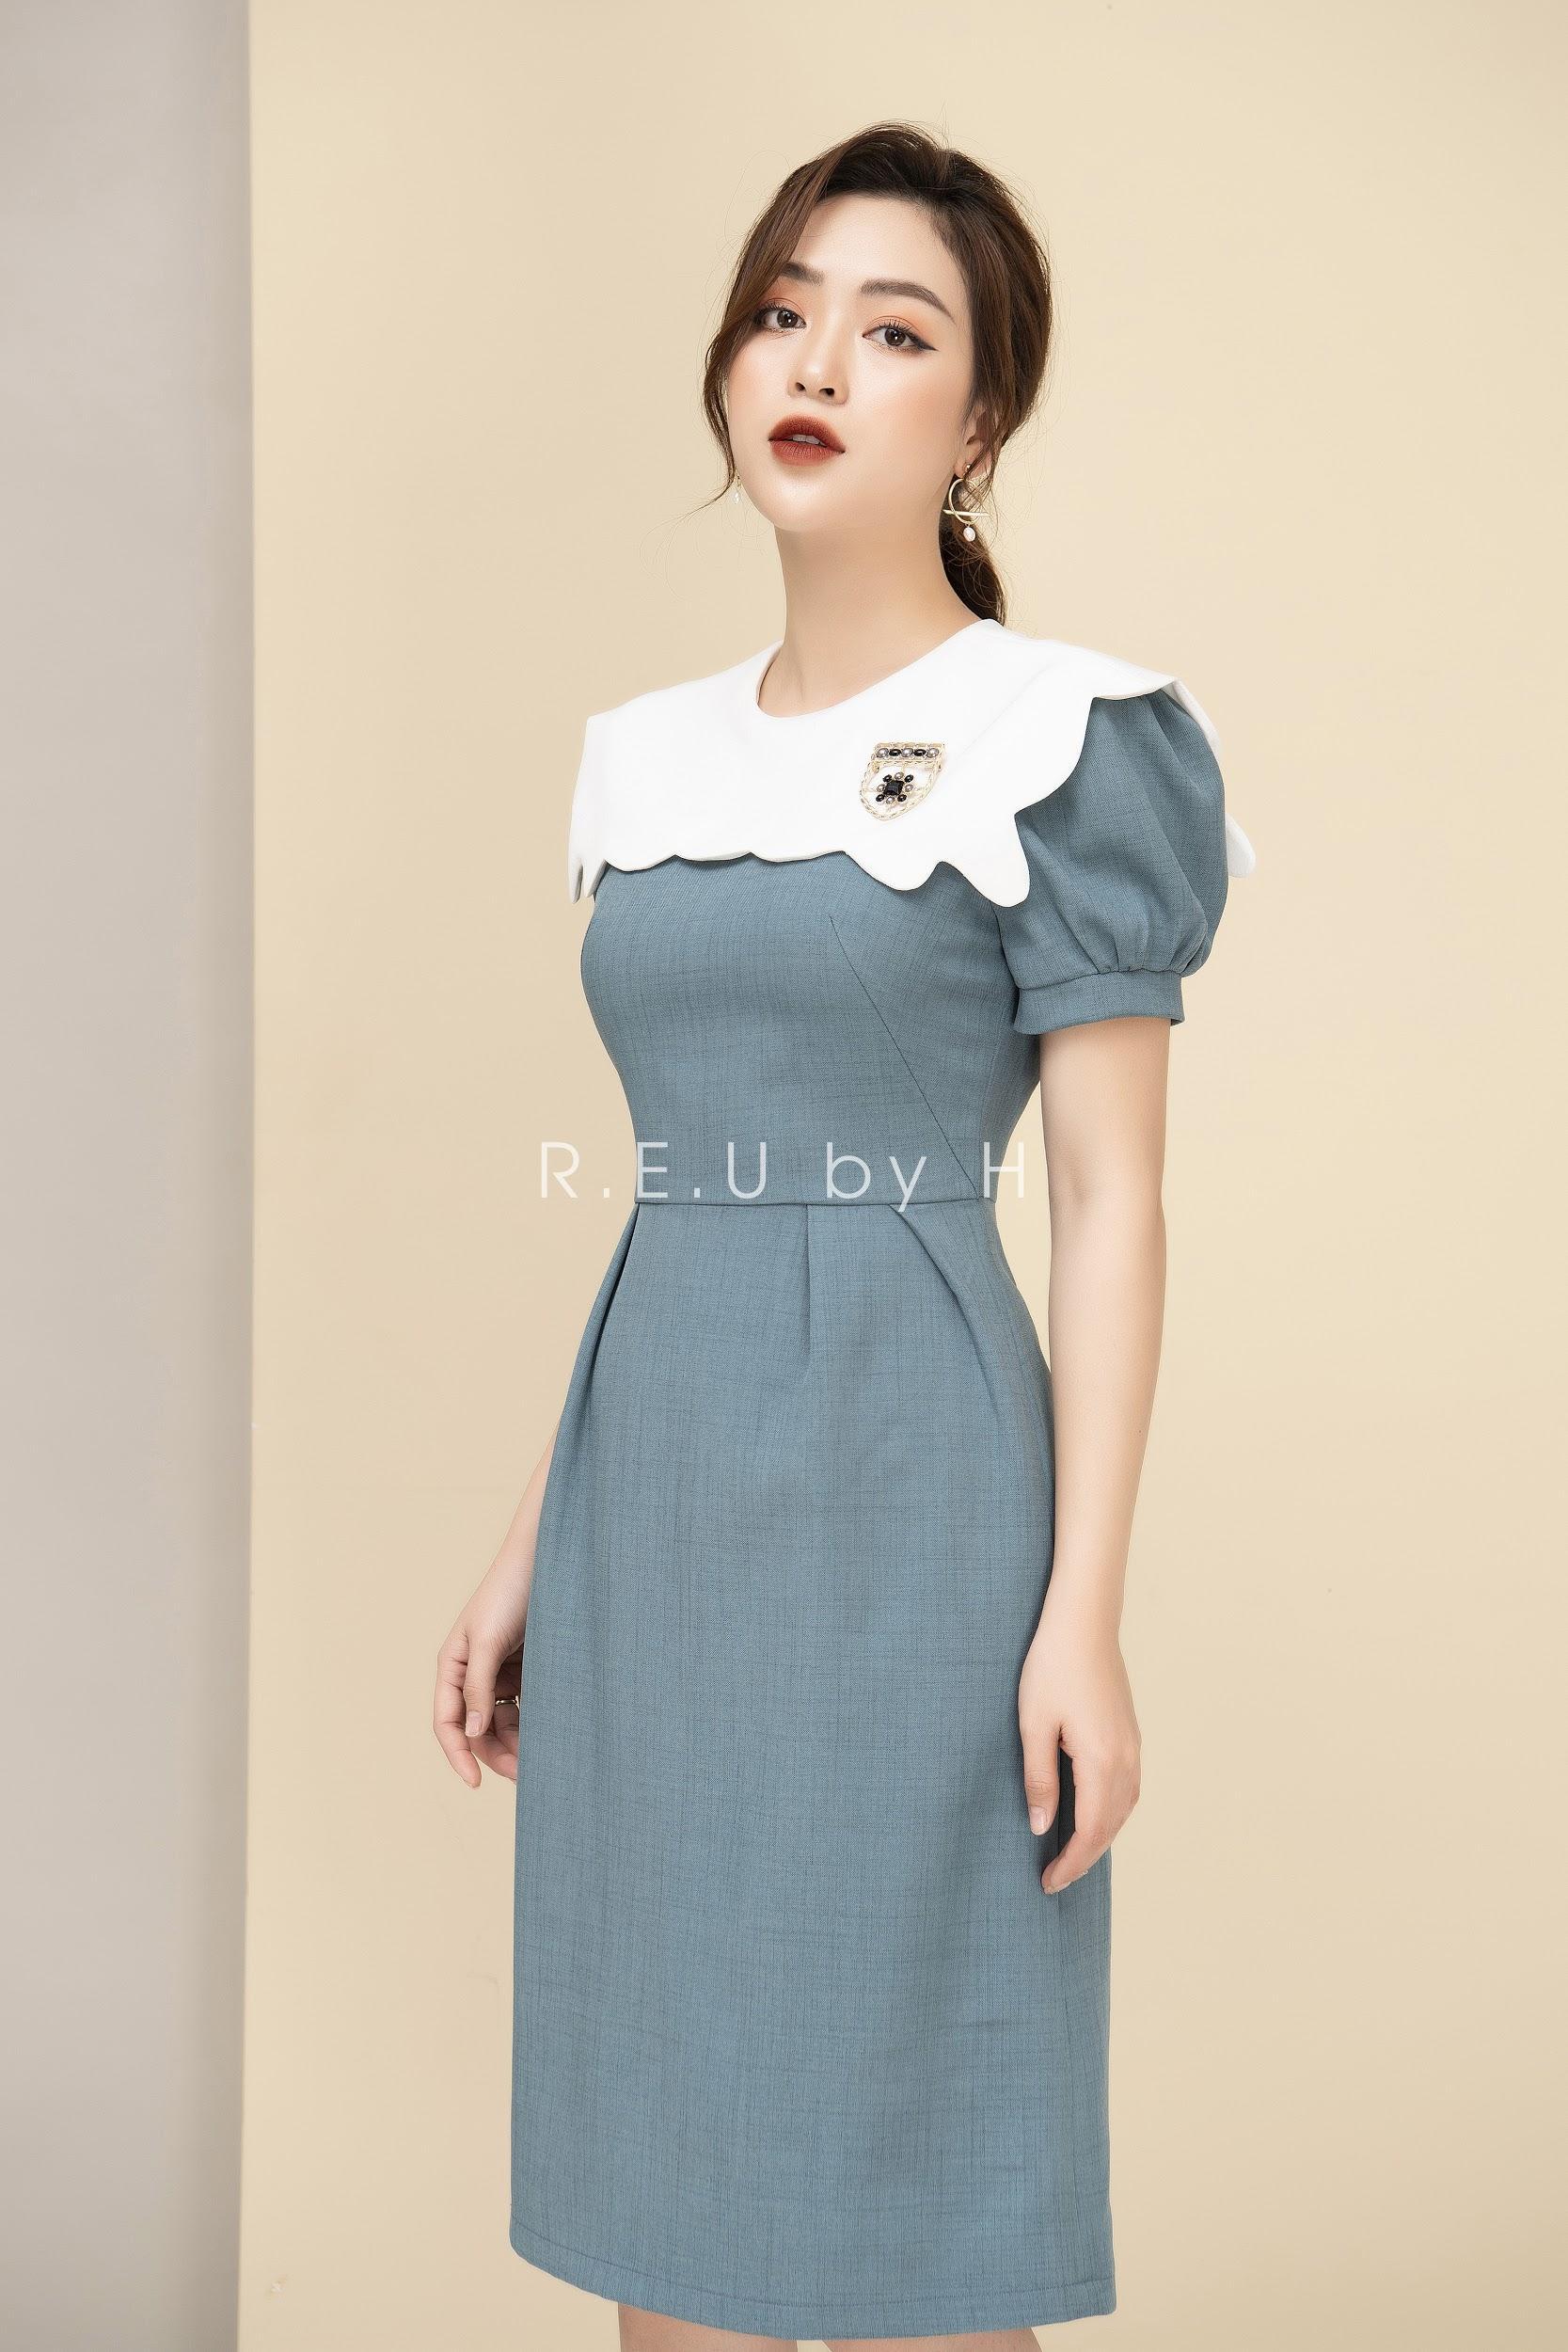 """REU Dress: đồ công sở không chỉ dừng lại ở """"formal, """"style & trend đang là xu hướng hiện nay - Ảnh 3."""